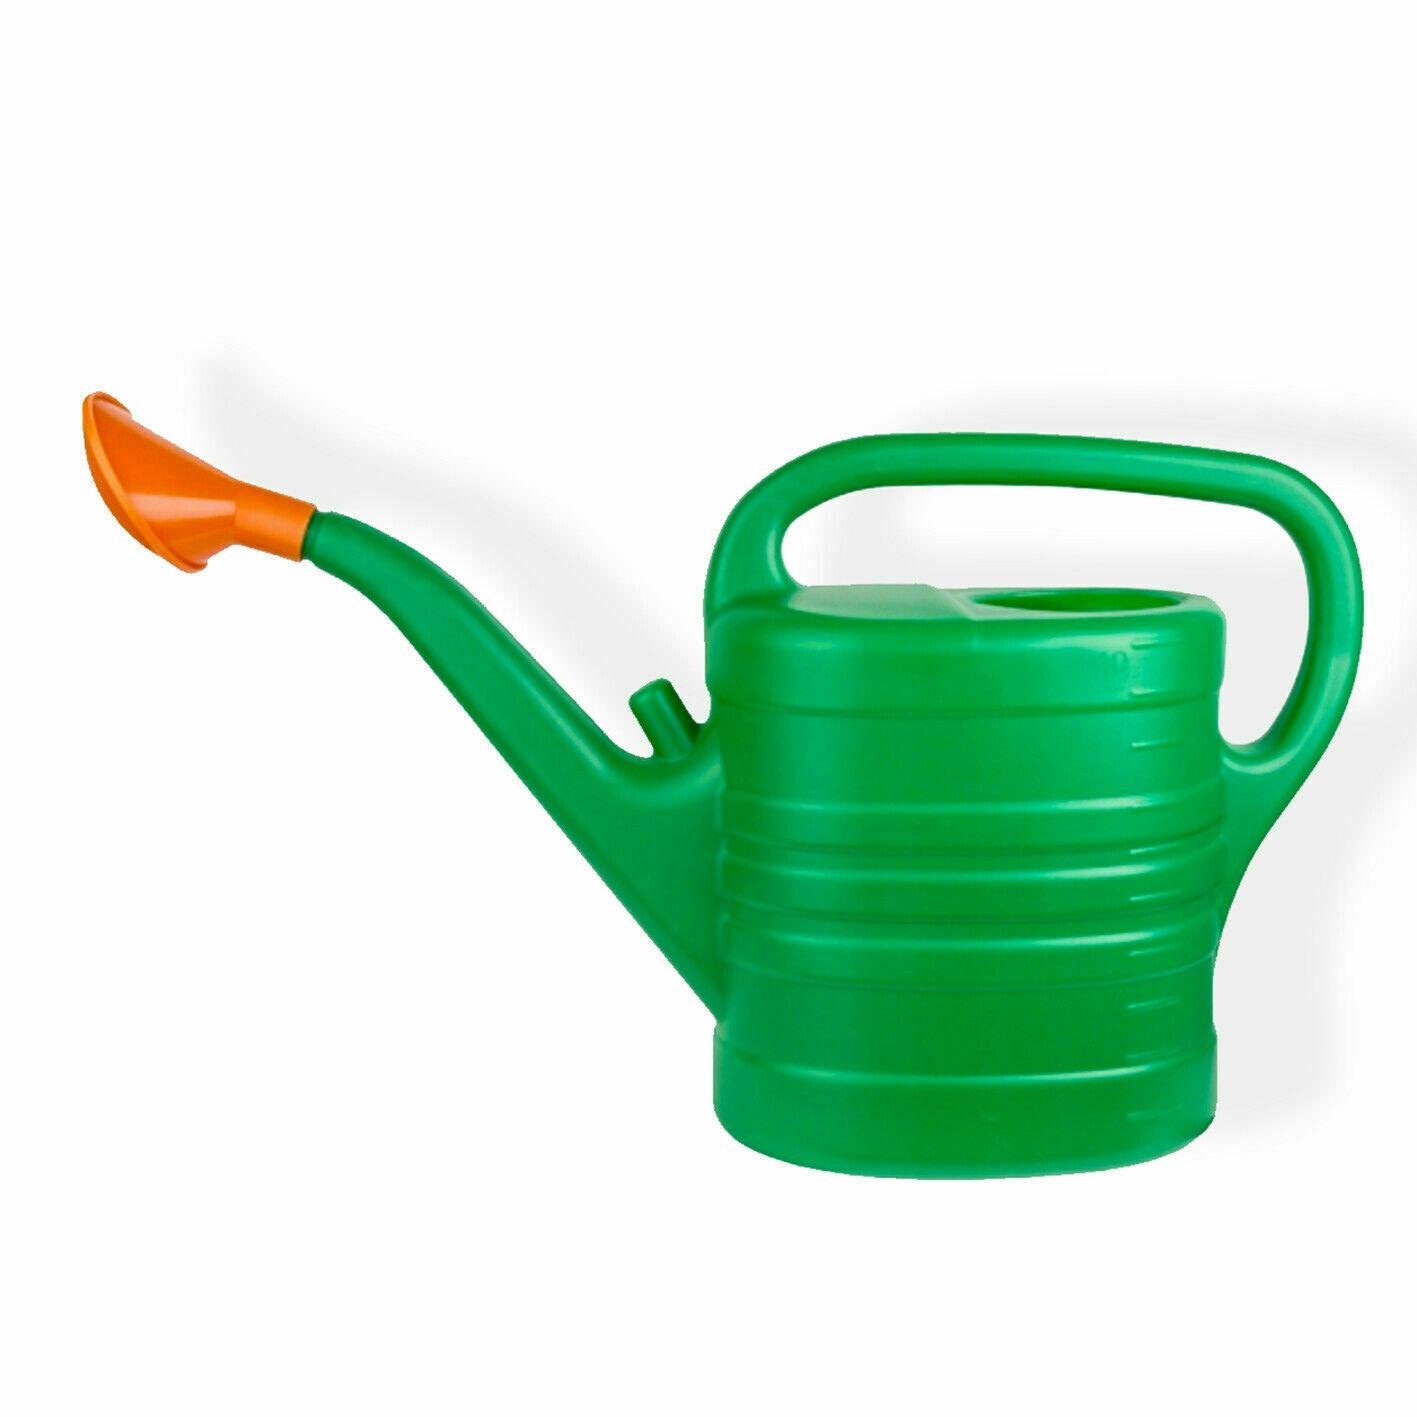 Plastic GARDEN CAN__Lightweight WATERING CAN Plants Indoor Outdoor 5L /10 Litre